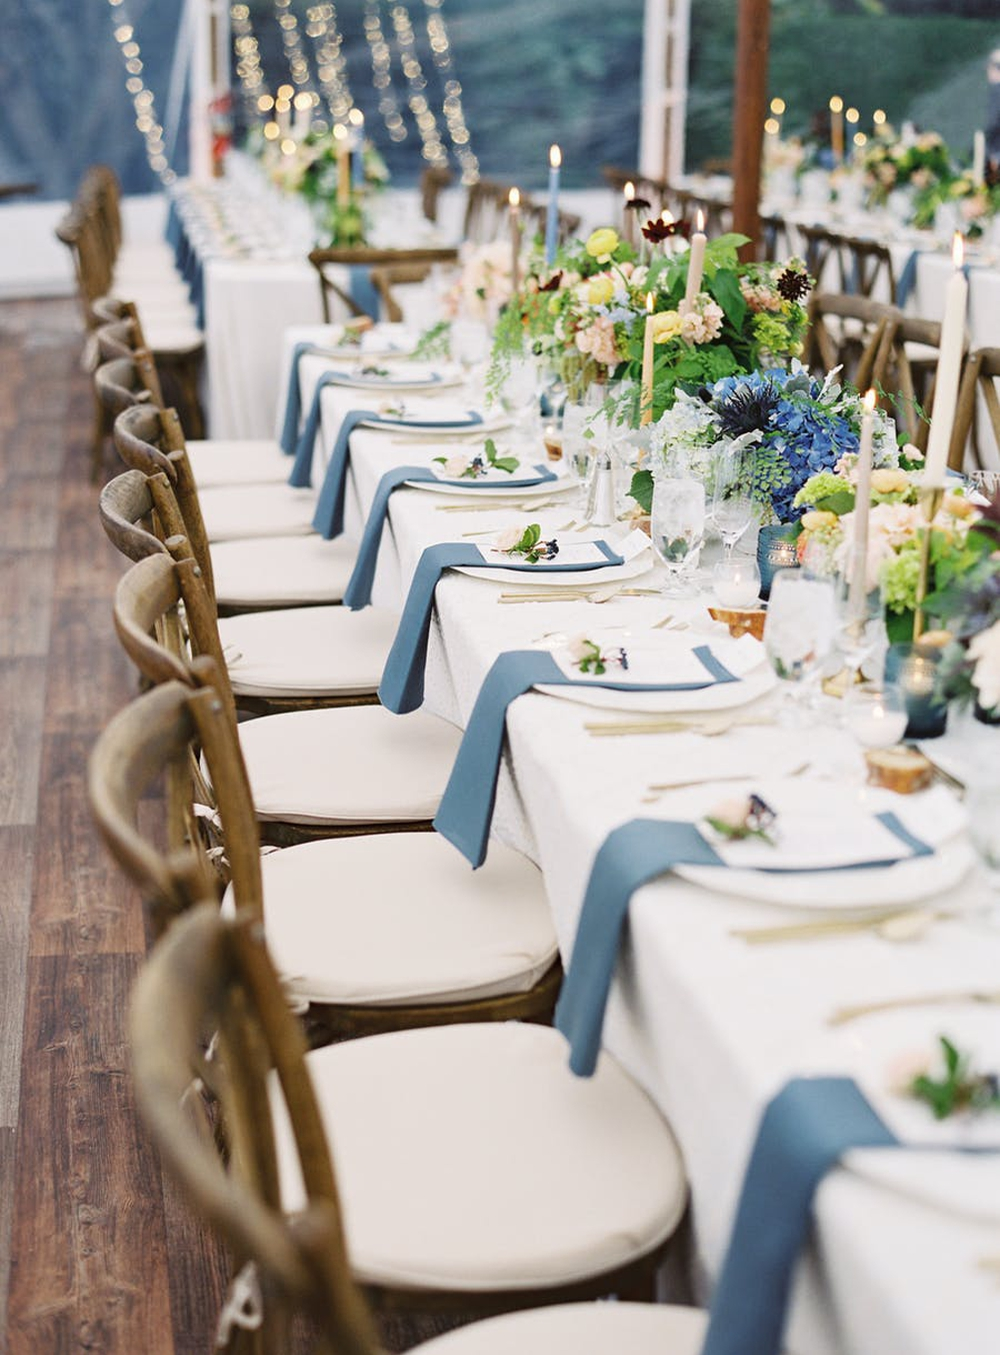 Medina-private-residence-seattle-wedding-planner 19.jpg